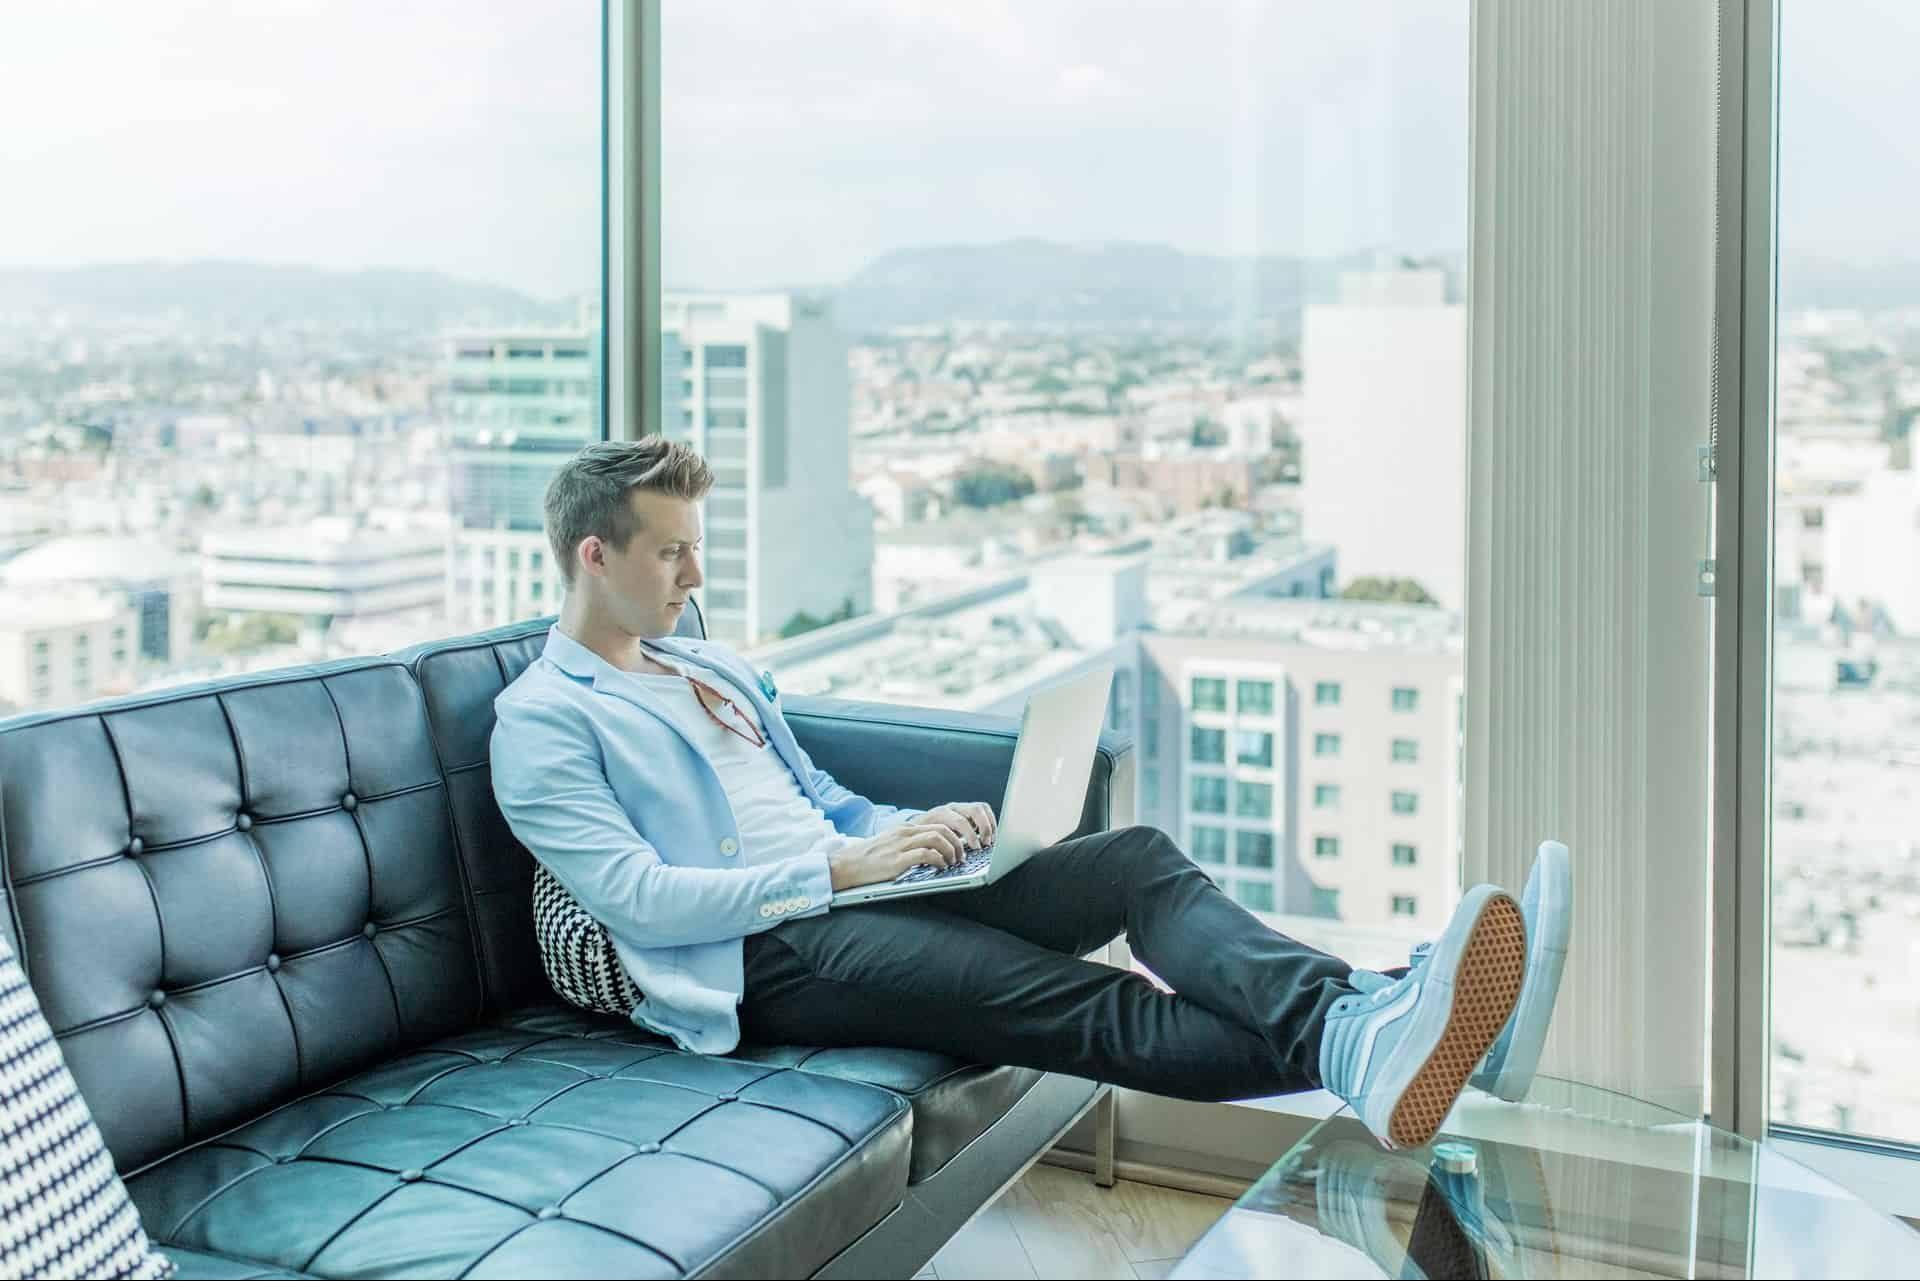 エンジェル投資家の概要と動機付け、投資開始のノウハウを紹介